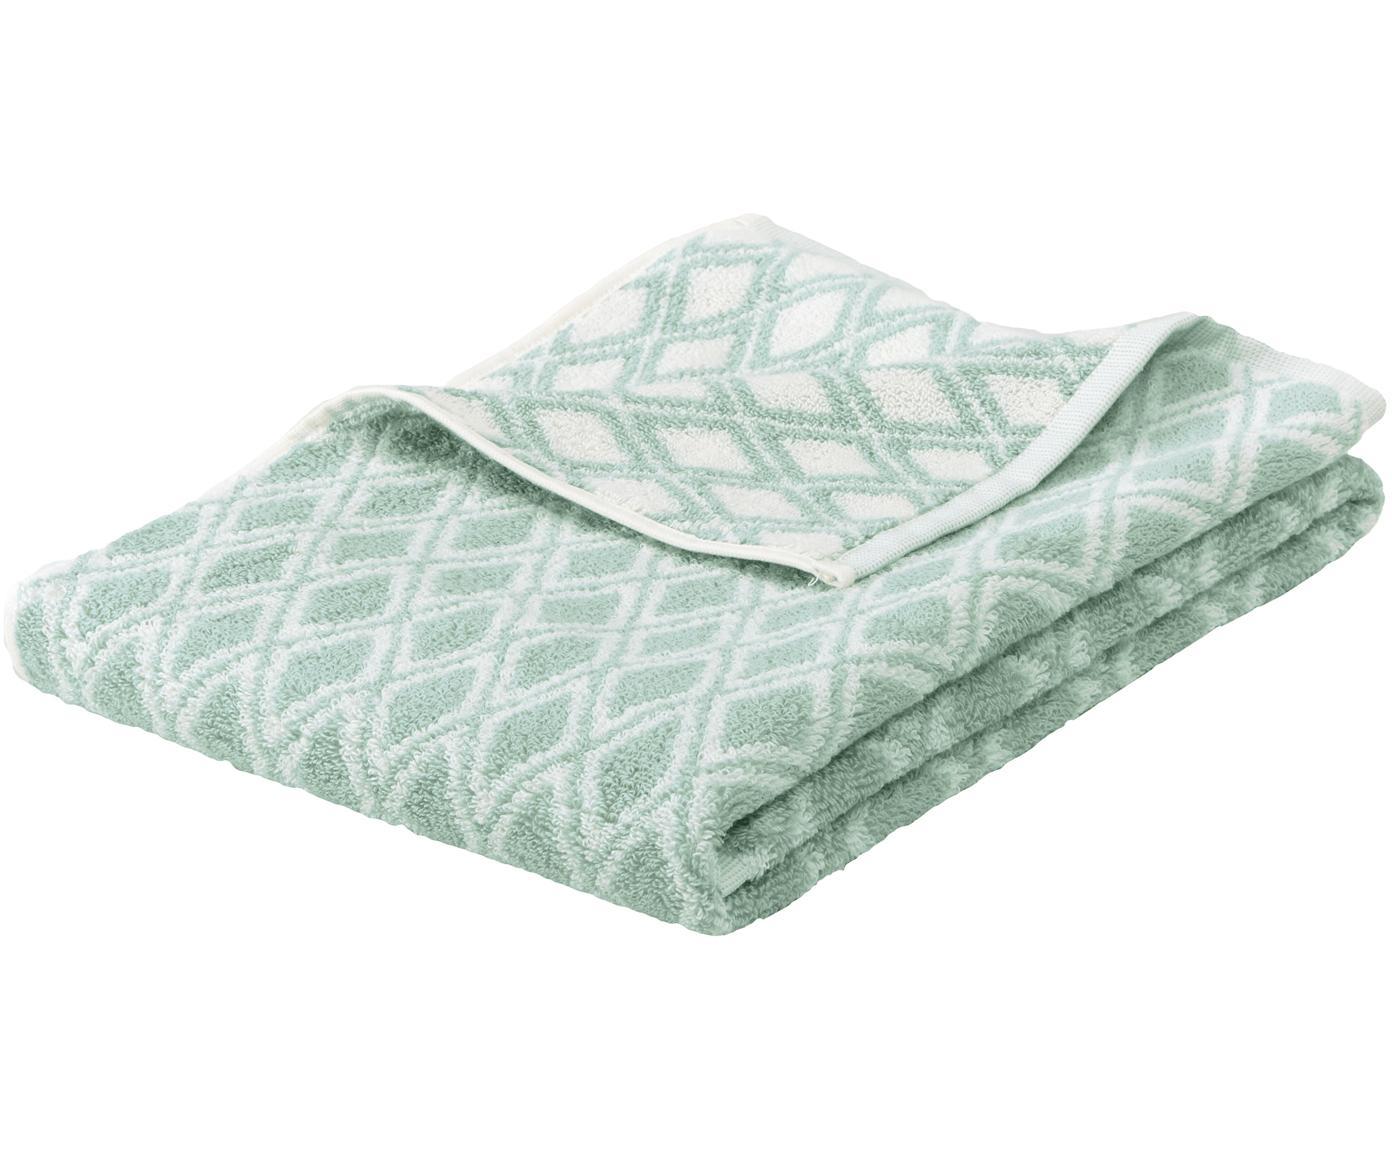 Wende-Handtuch Ava mit grafischem Muster, Mintgrün, Cremeweiß, Handtuch